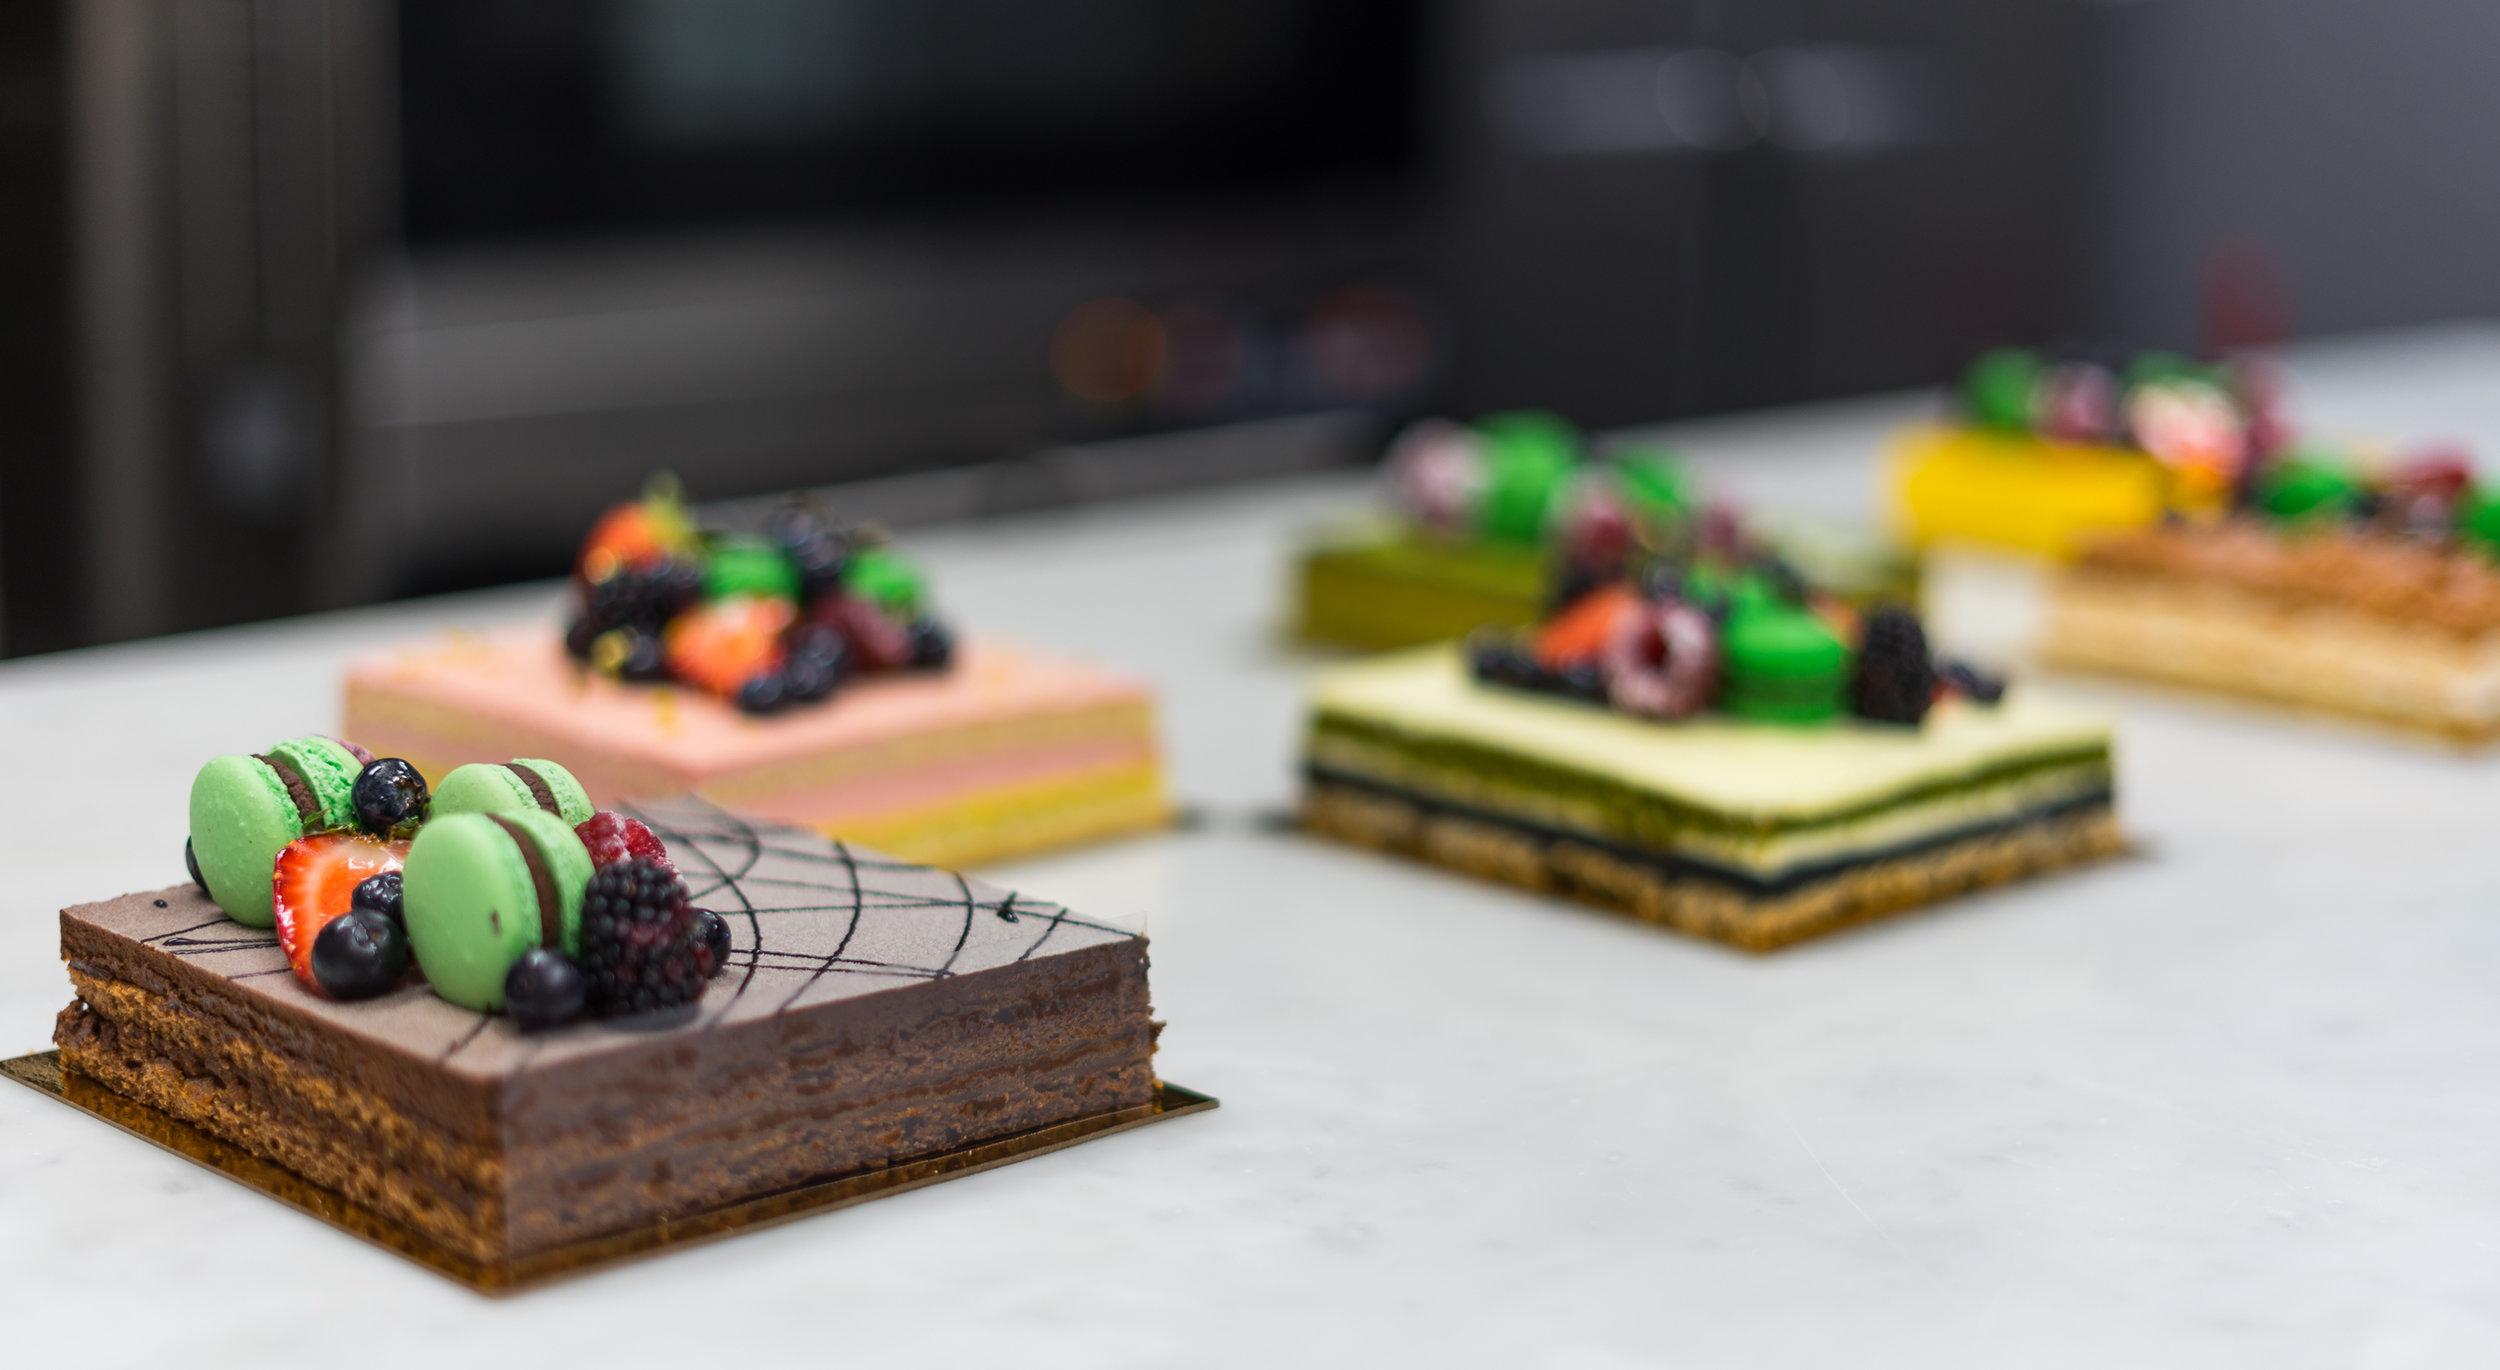 Kirin-Full cakes.jpg